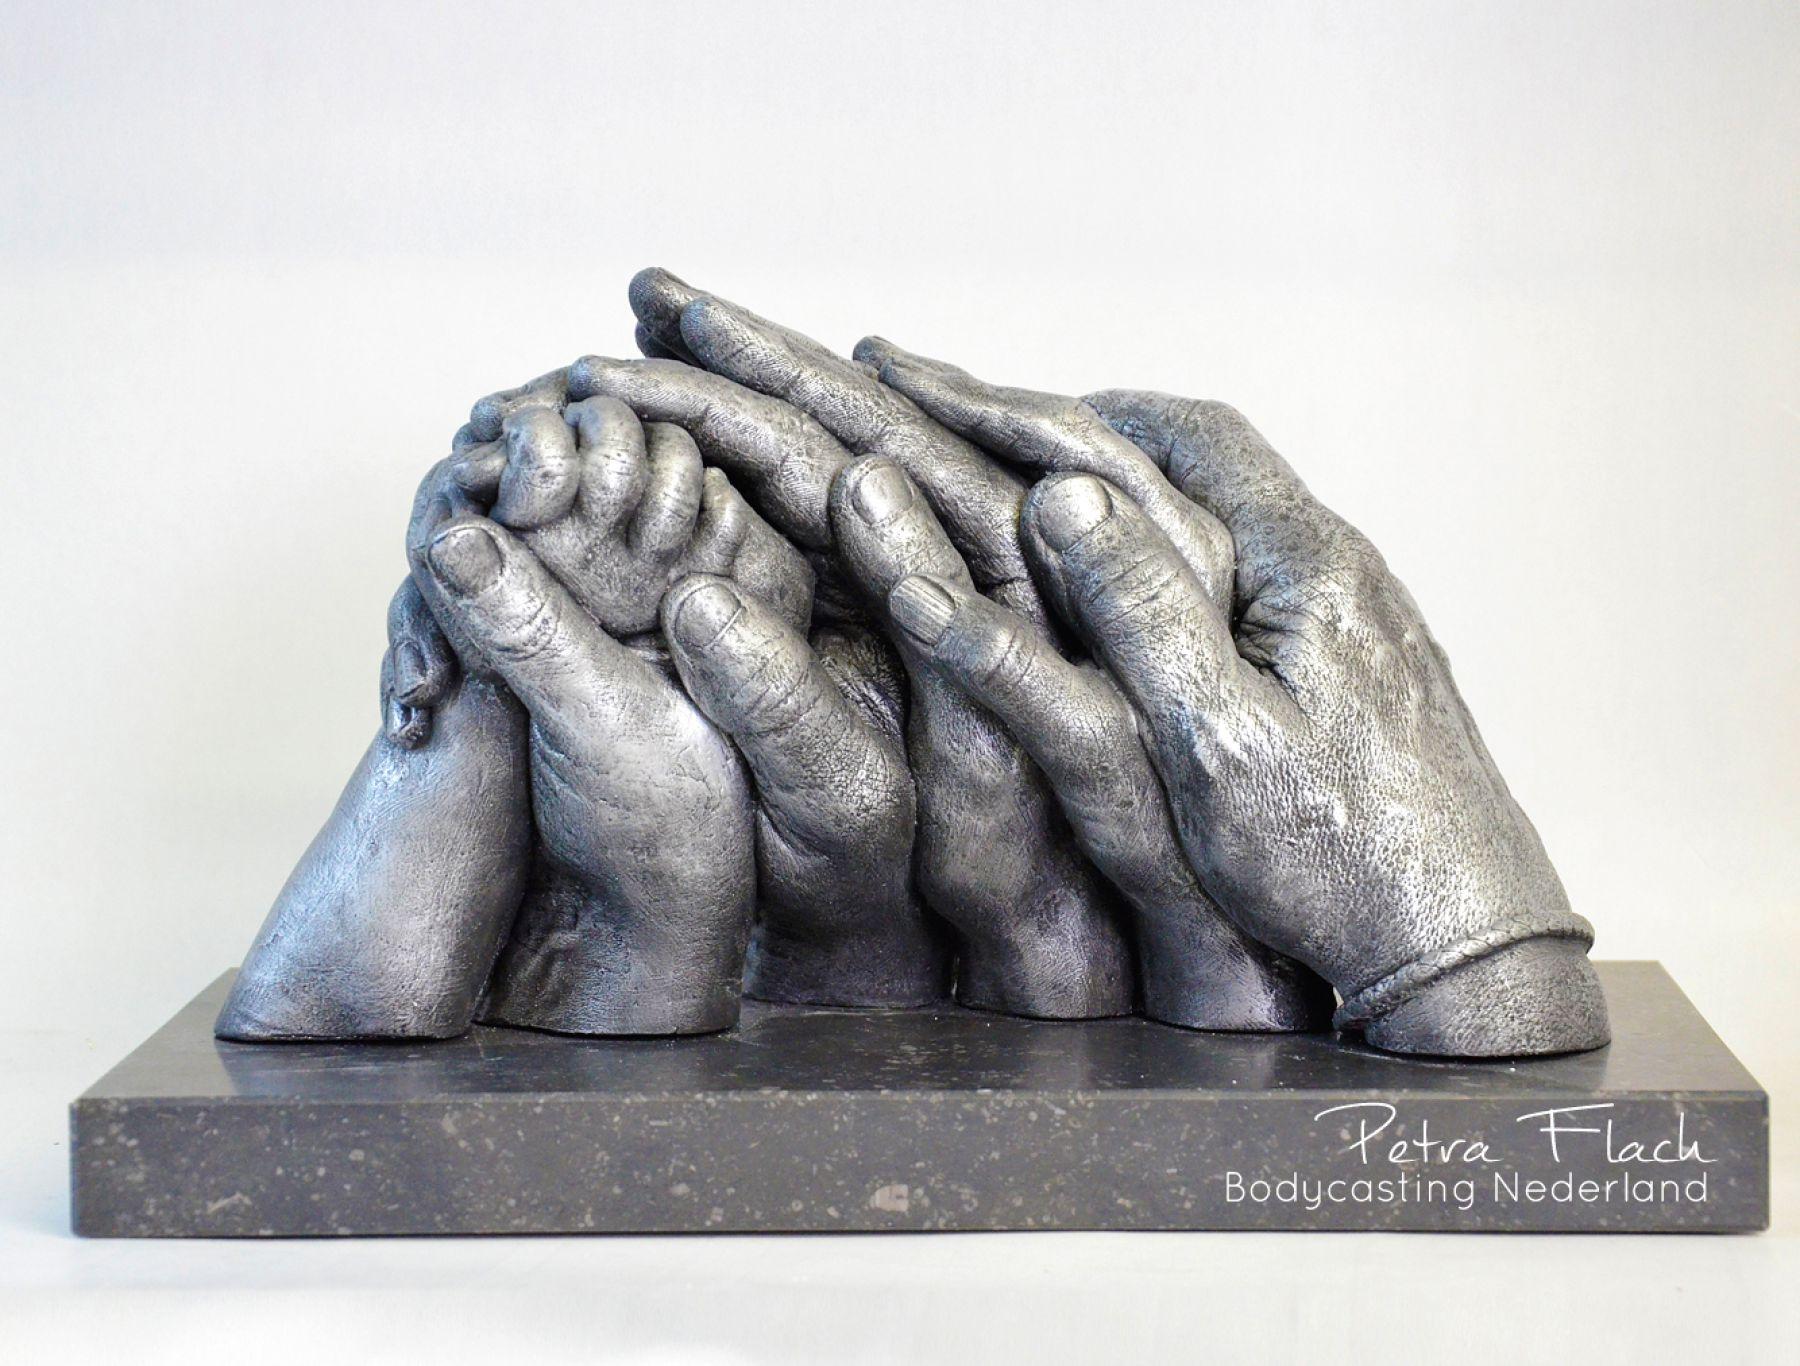 Bodycasting-handbeeld-handen-lifecasting-familie-liefde-reeuwijk-gouda-3D-beeld-petraflach-gezinsbeeld-familiebeeld